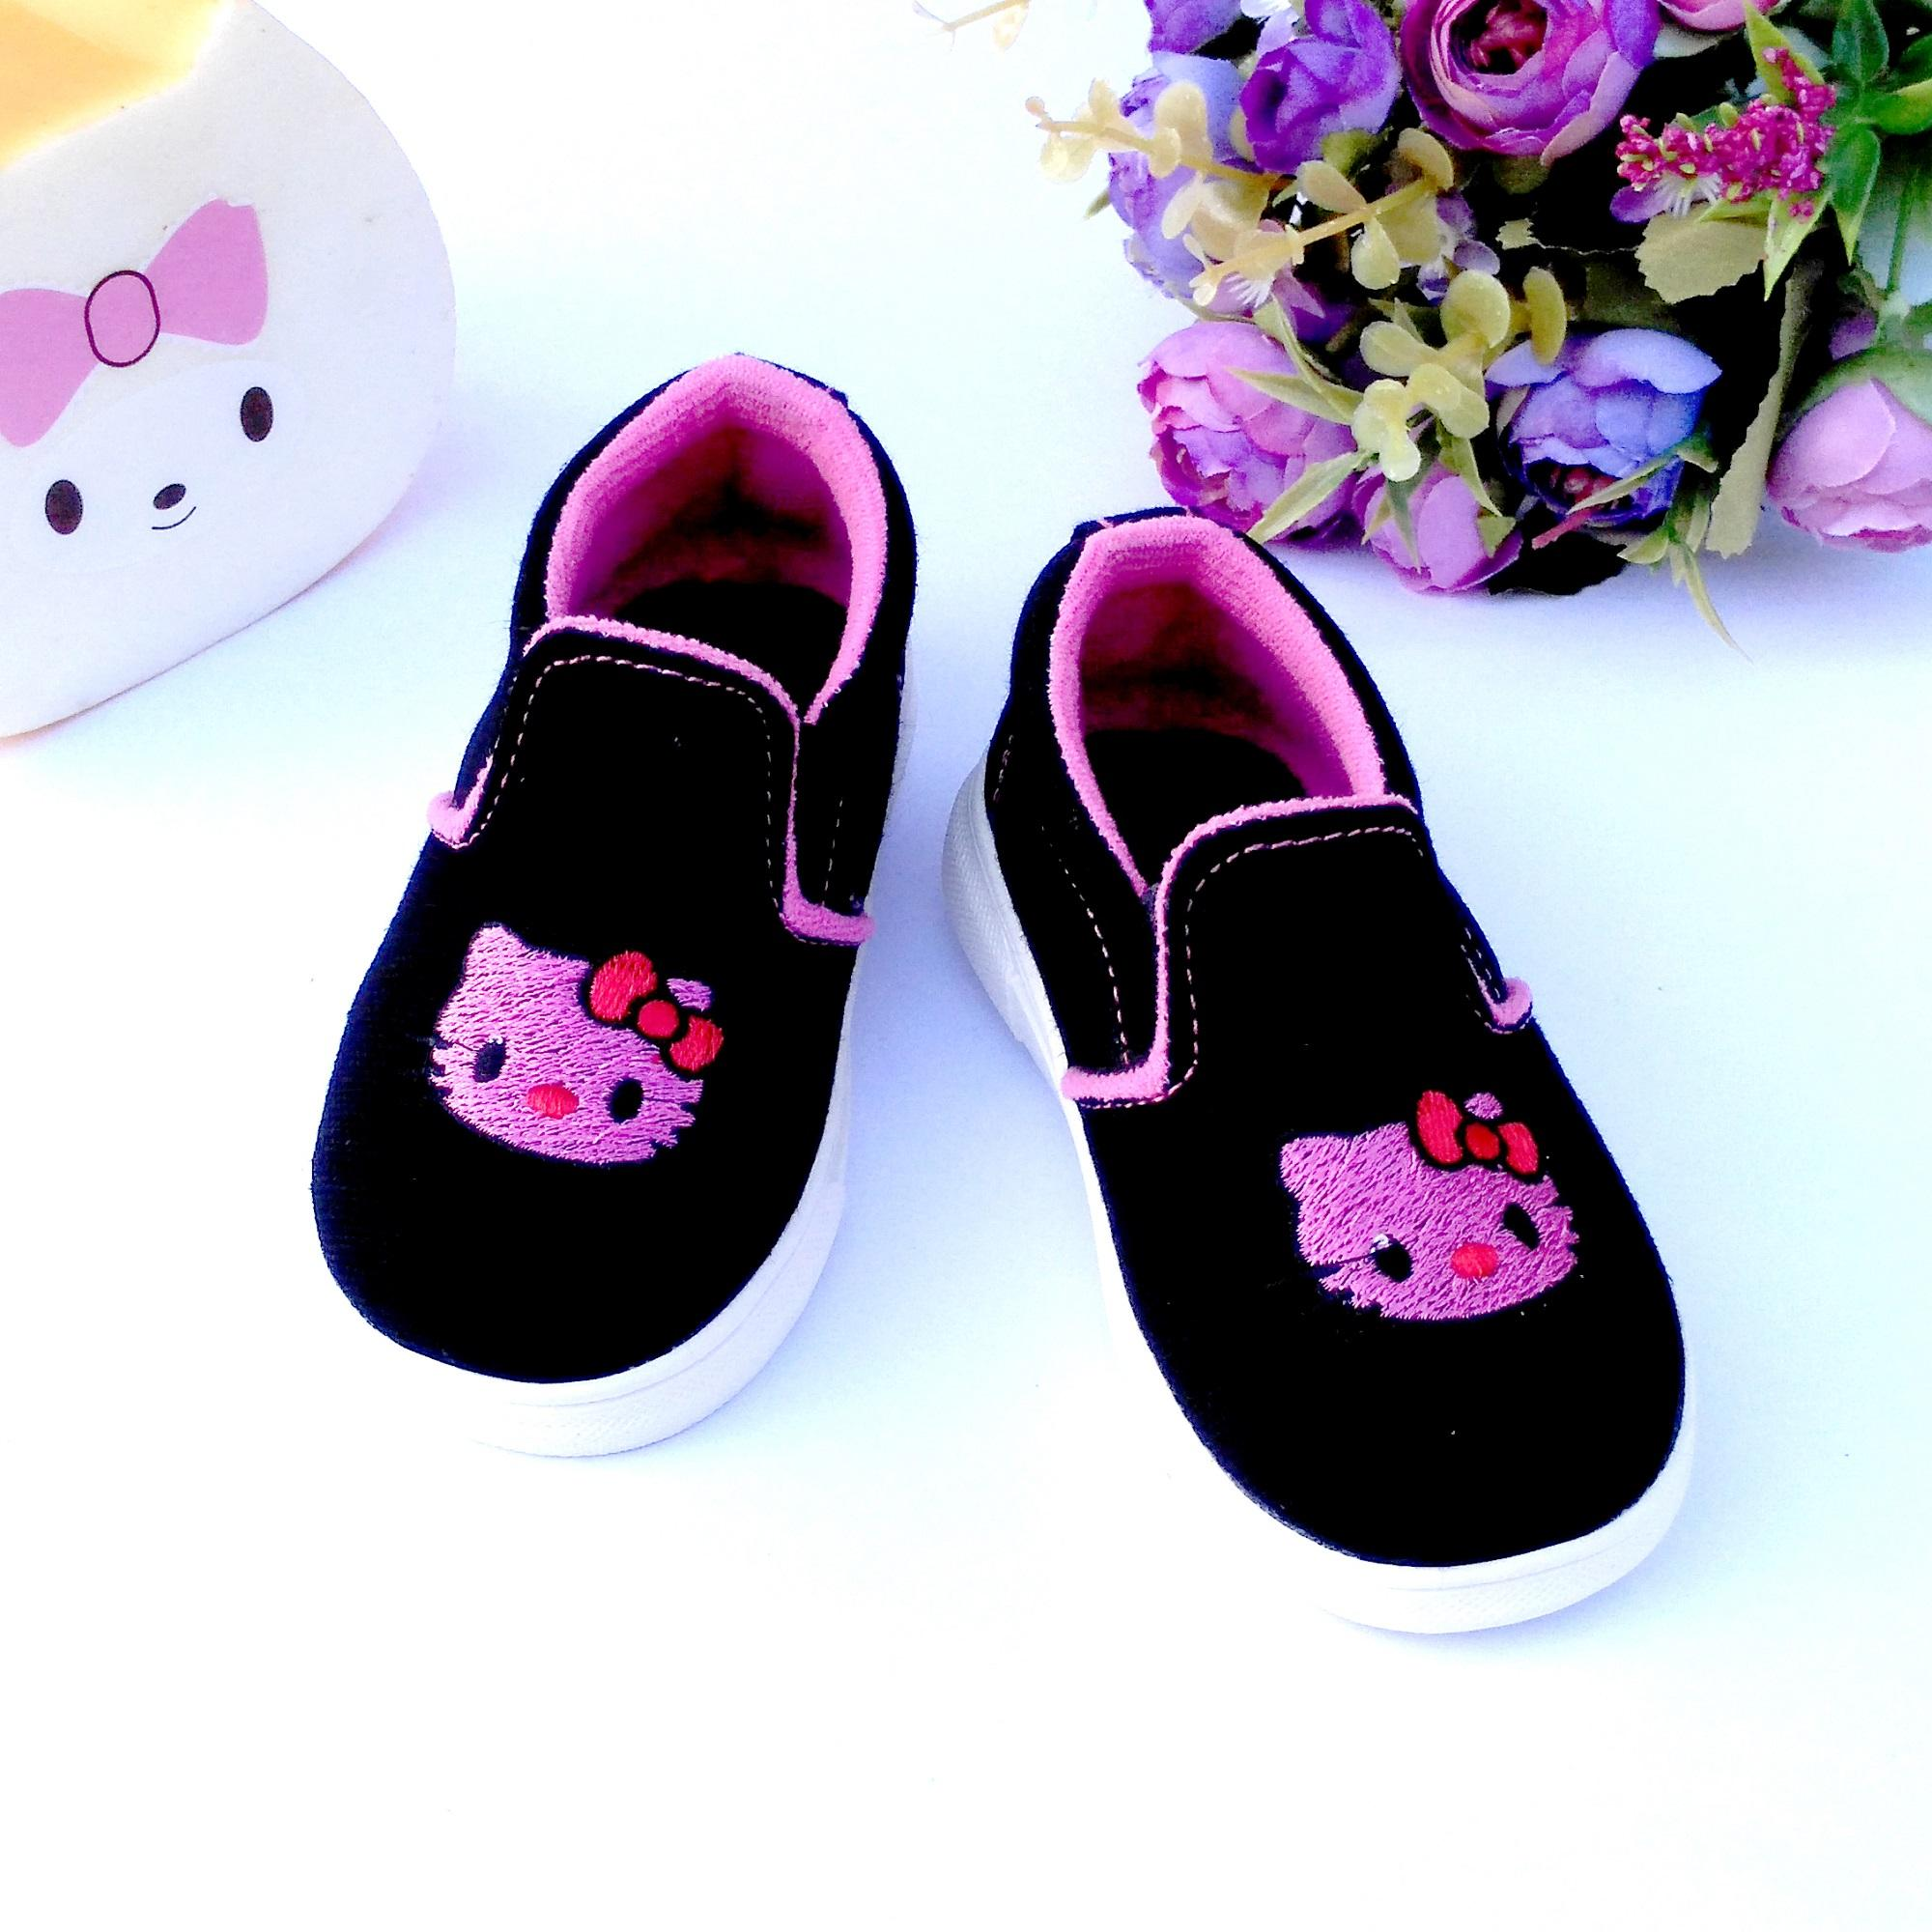 HQo Sepatu Anak Perempuan Slip On   Sepatu Anak Casual   Sepatu Bayi  Perempuan Hello Kitty 2f8b2f2fea